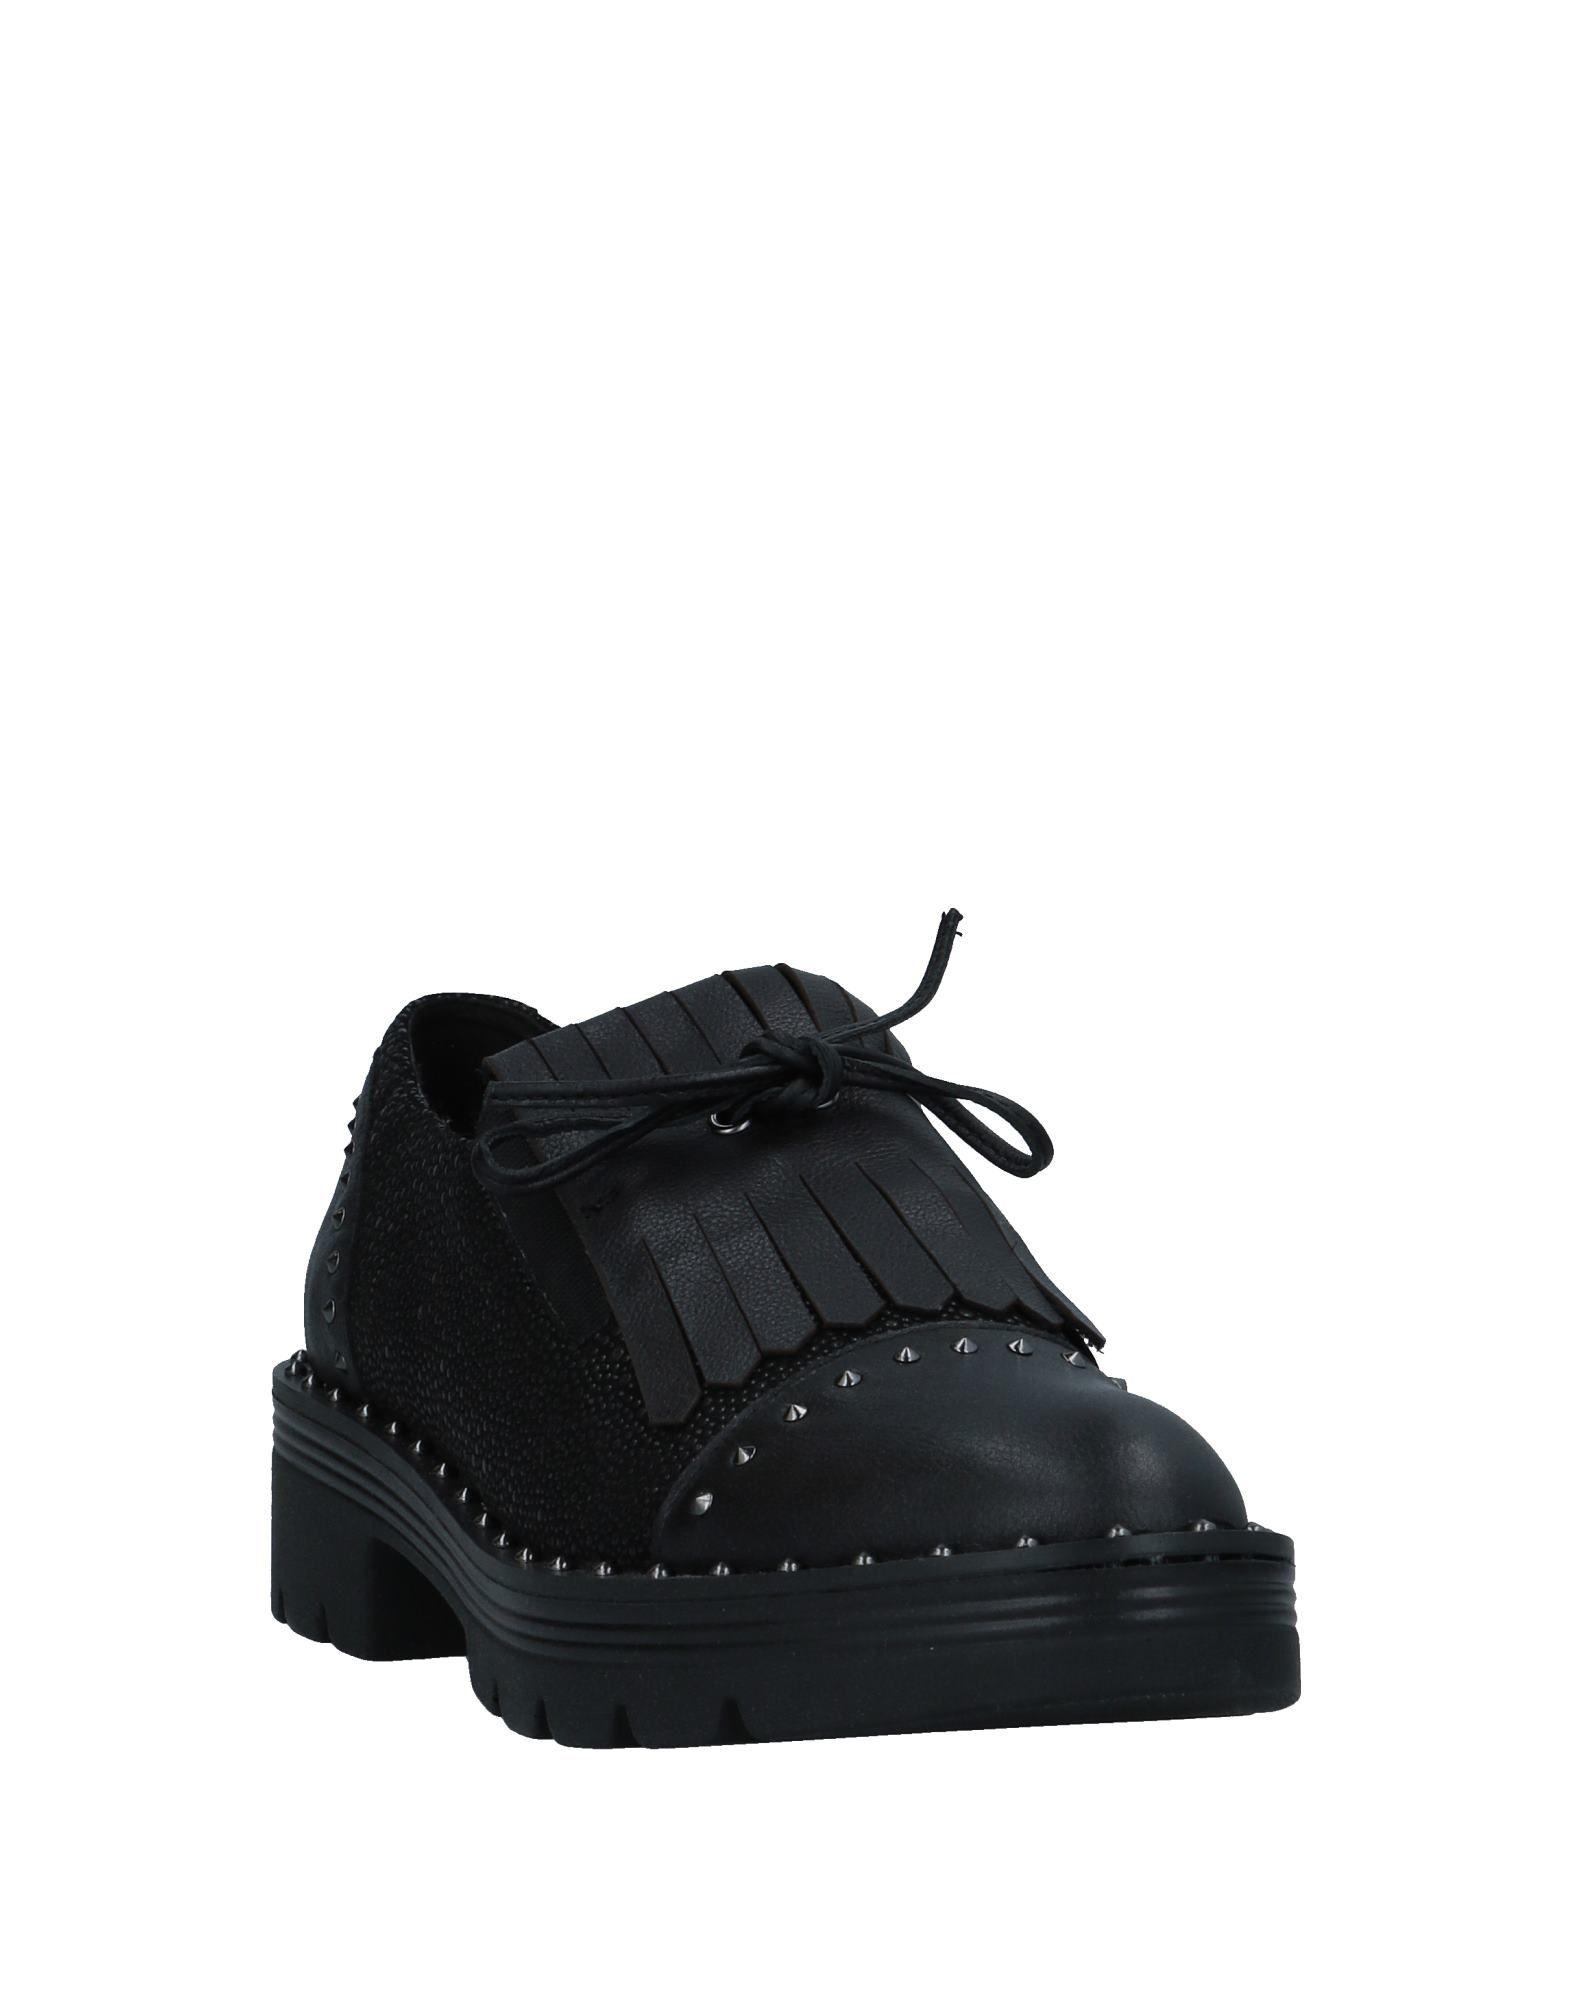 Lumberjack Gute Mokassins Damen  11523091MH Gute Lumberjack Qualität beliebte Schuhe e0af40